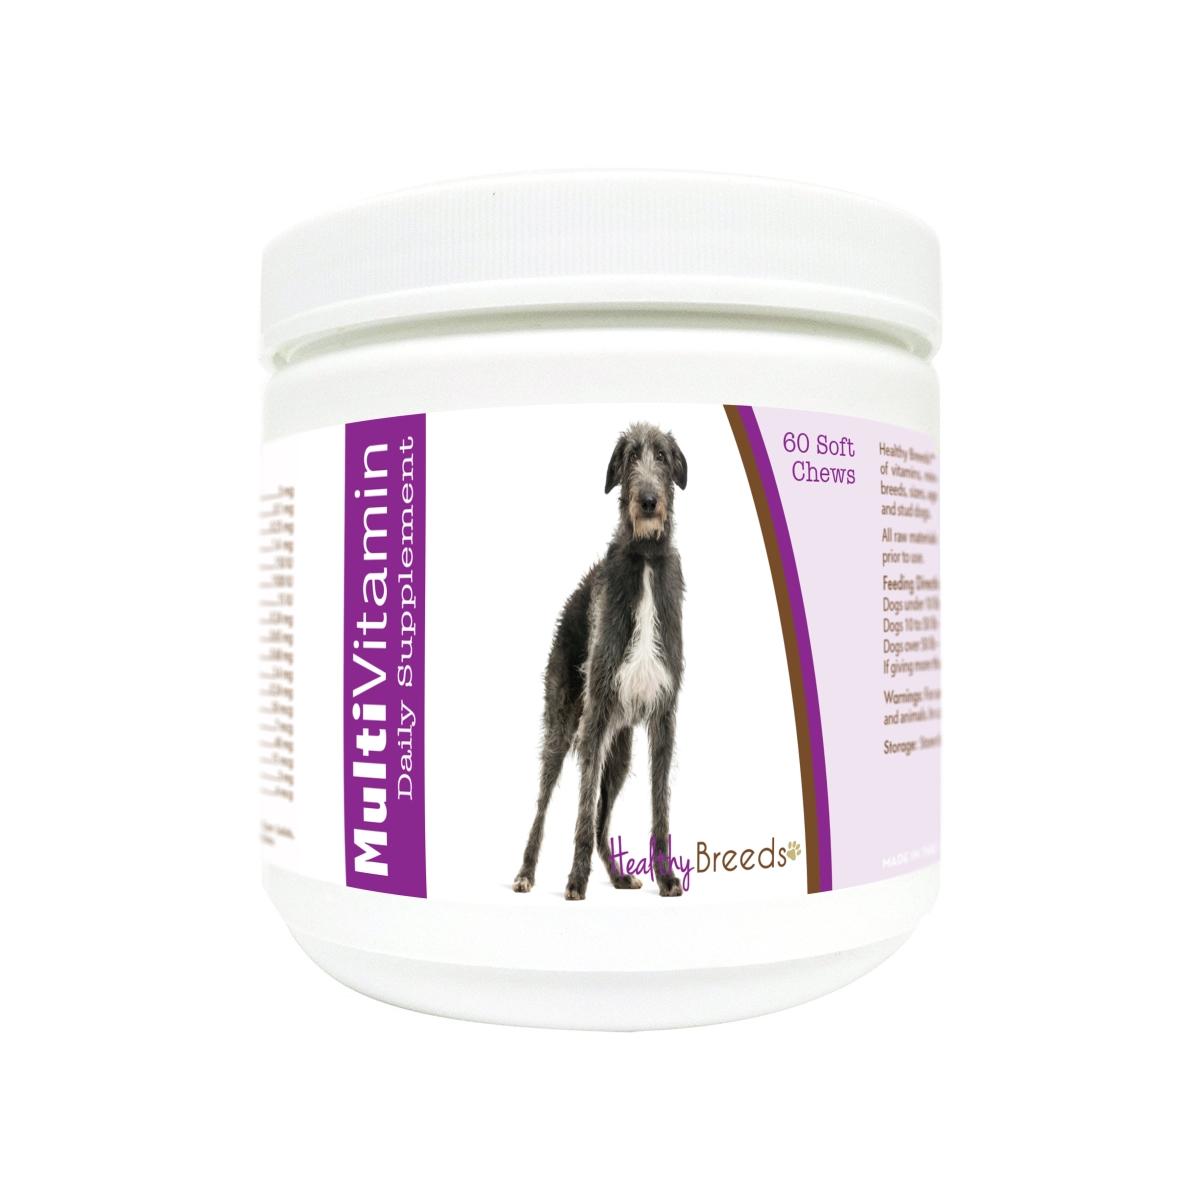 Healthy Breeds 840235181958 Scottish Deerhound Multi-Vitamin Soft Chews - 60 Count